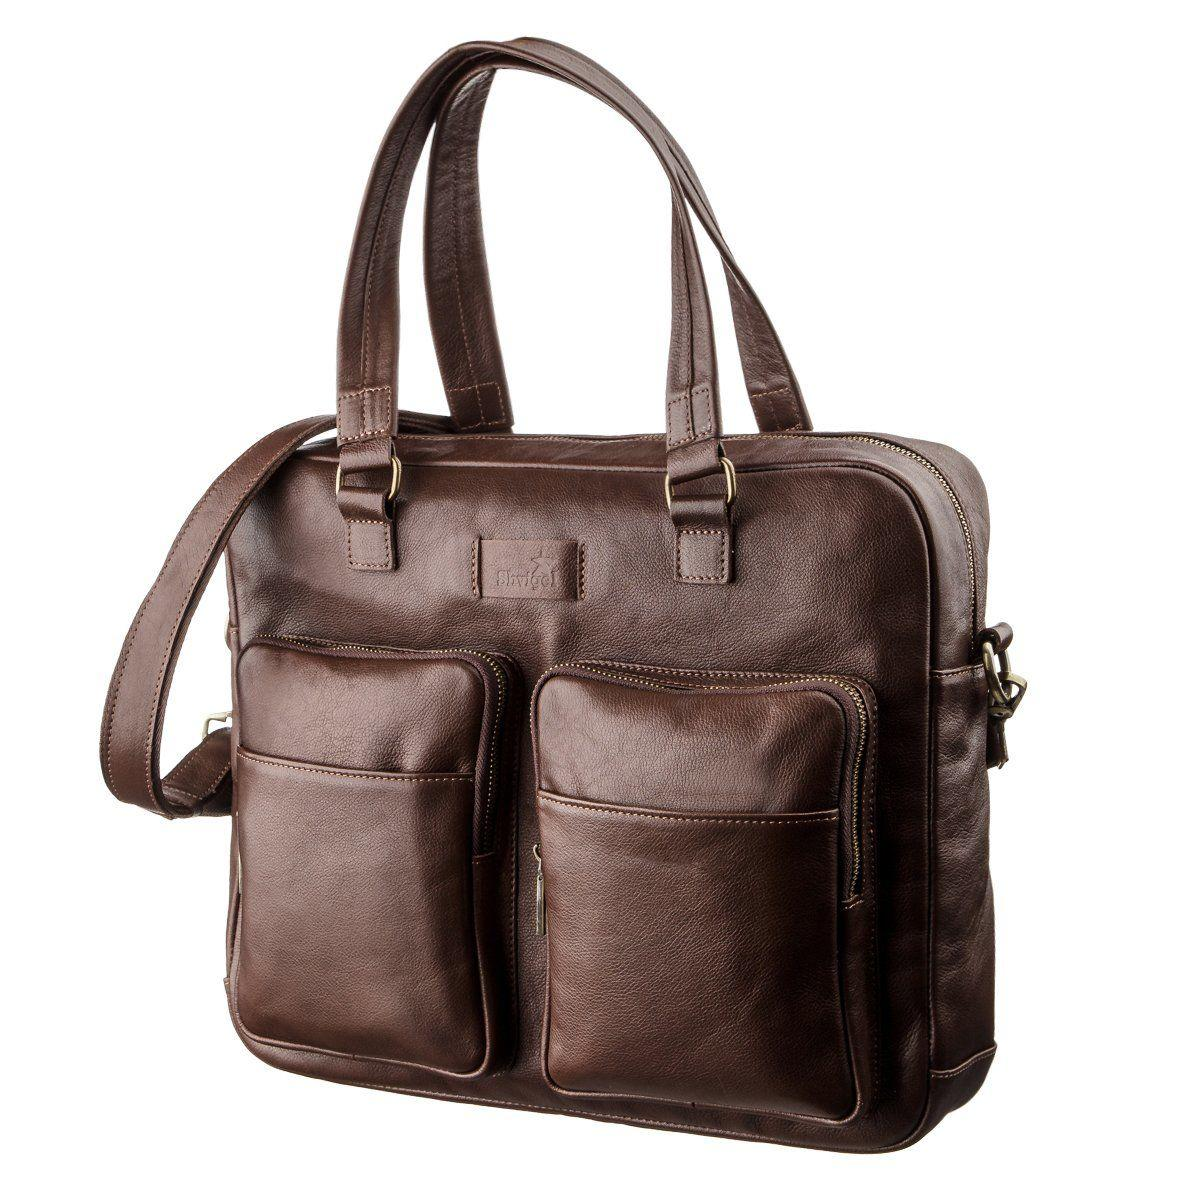 Мужская кожаная дорожная сумка для ноутбука SHVIGEL 19109 Коричневая, Коричневый